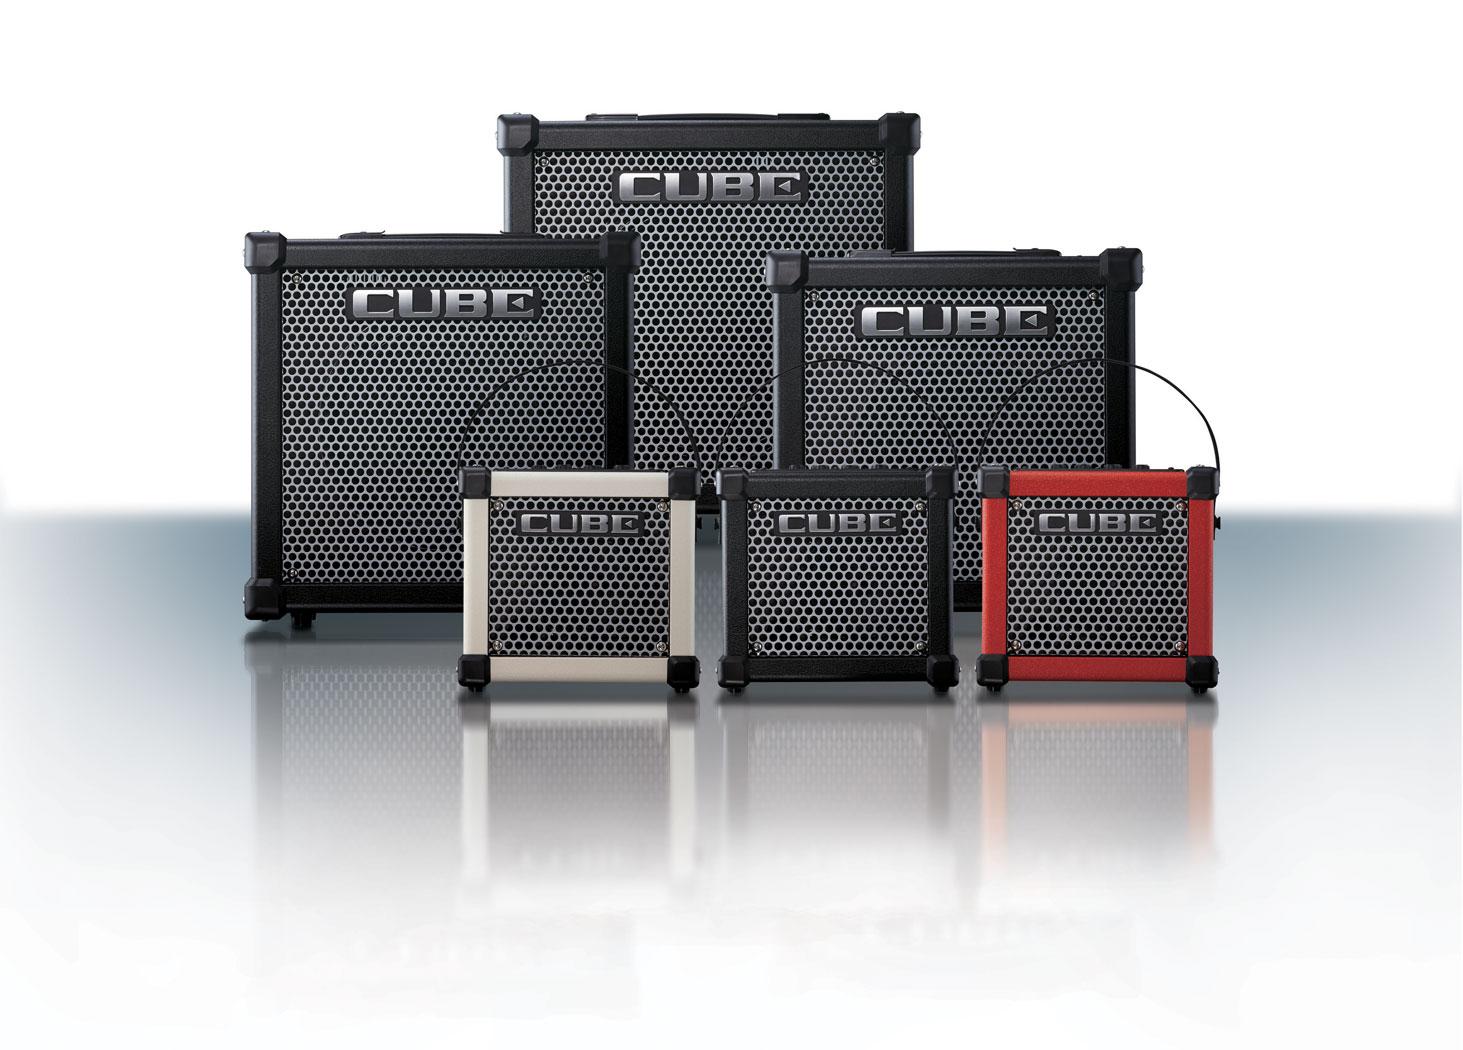 Bán Bộ Loa Combo Roland Cube 20GX Giá Rẻ Tại Tphcm